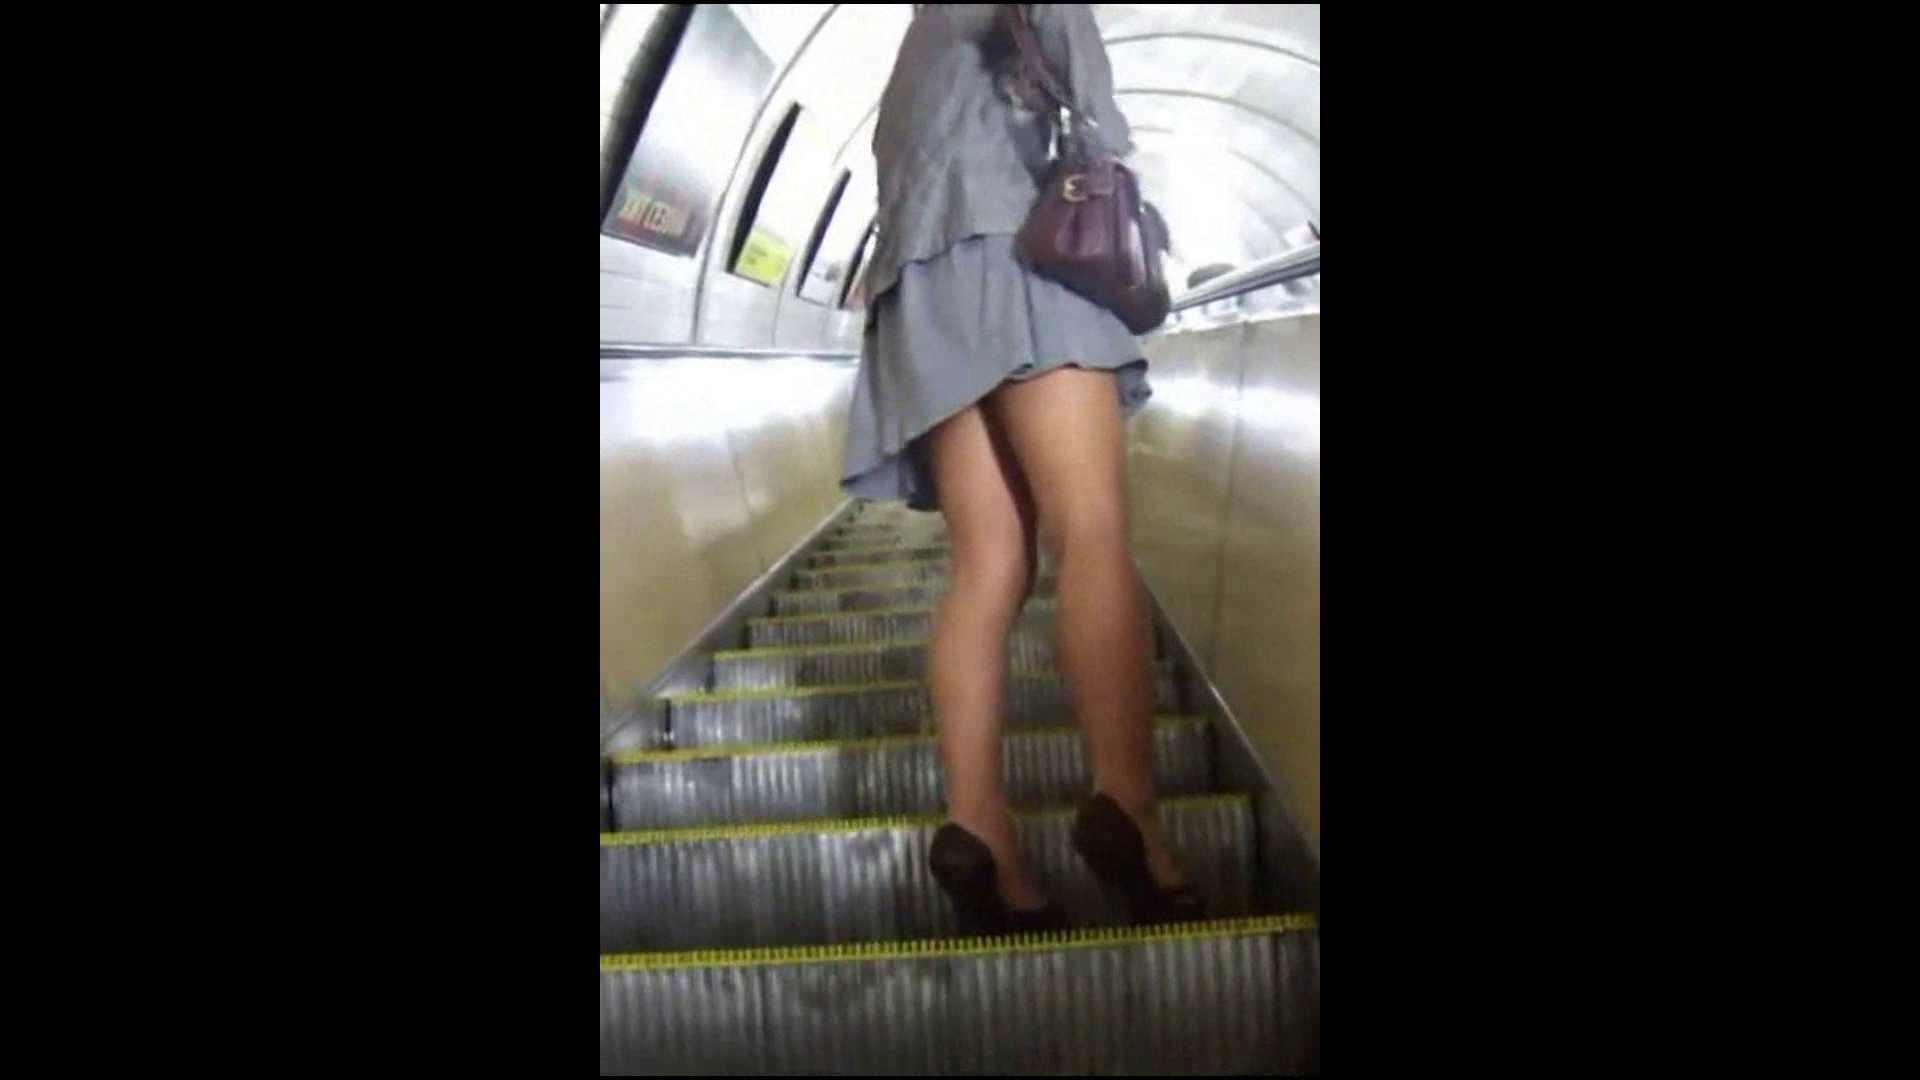 綺麗なモデルさんのスカート捲っちゃおう‼vol06 OL女体  94連発 48